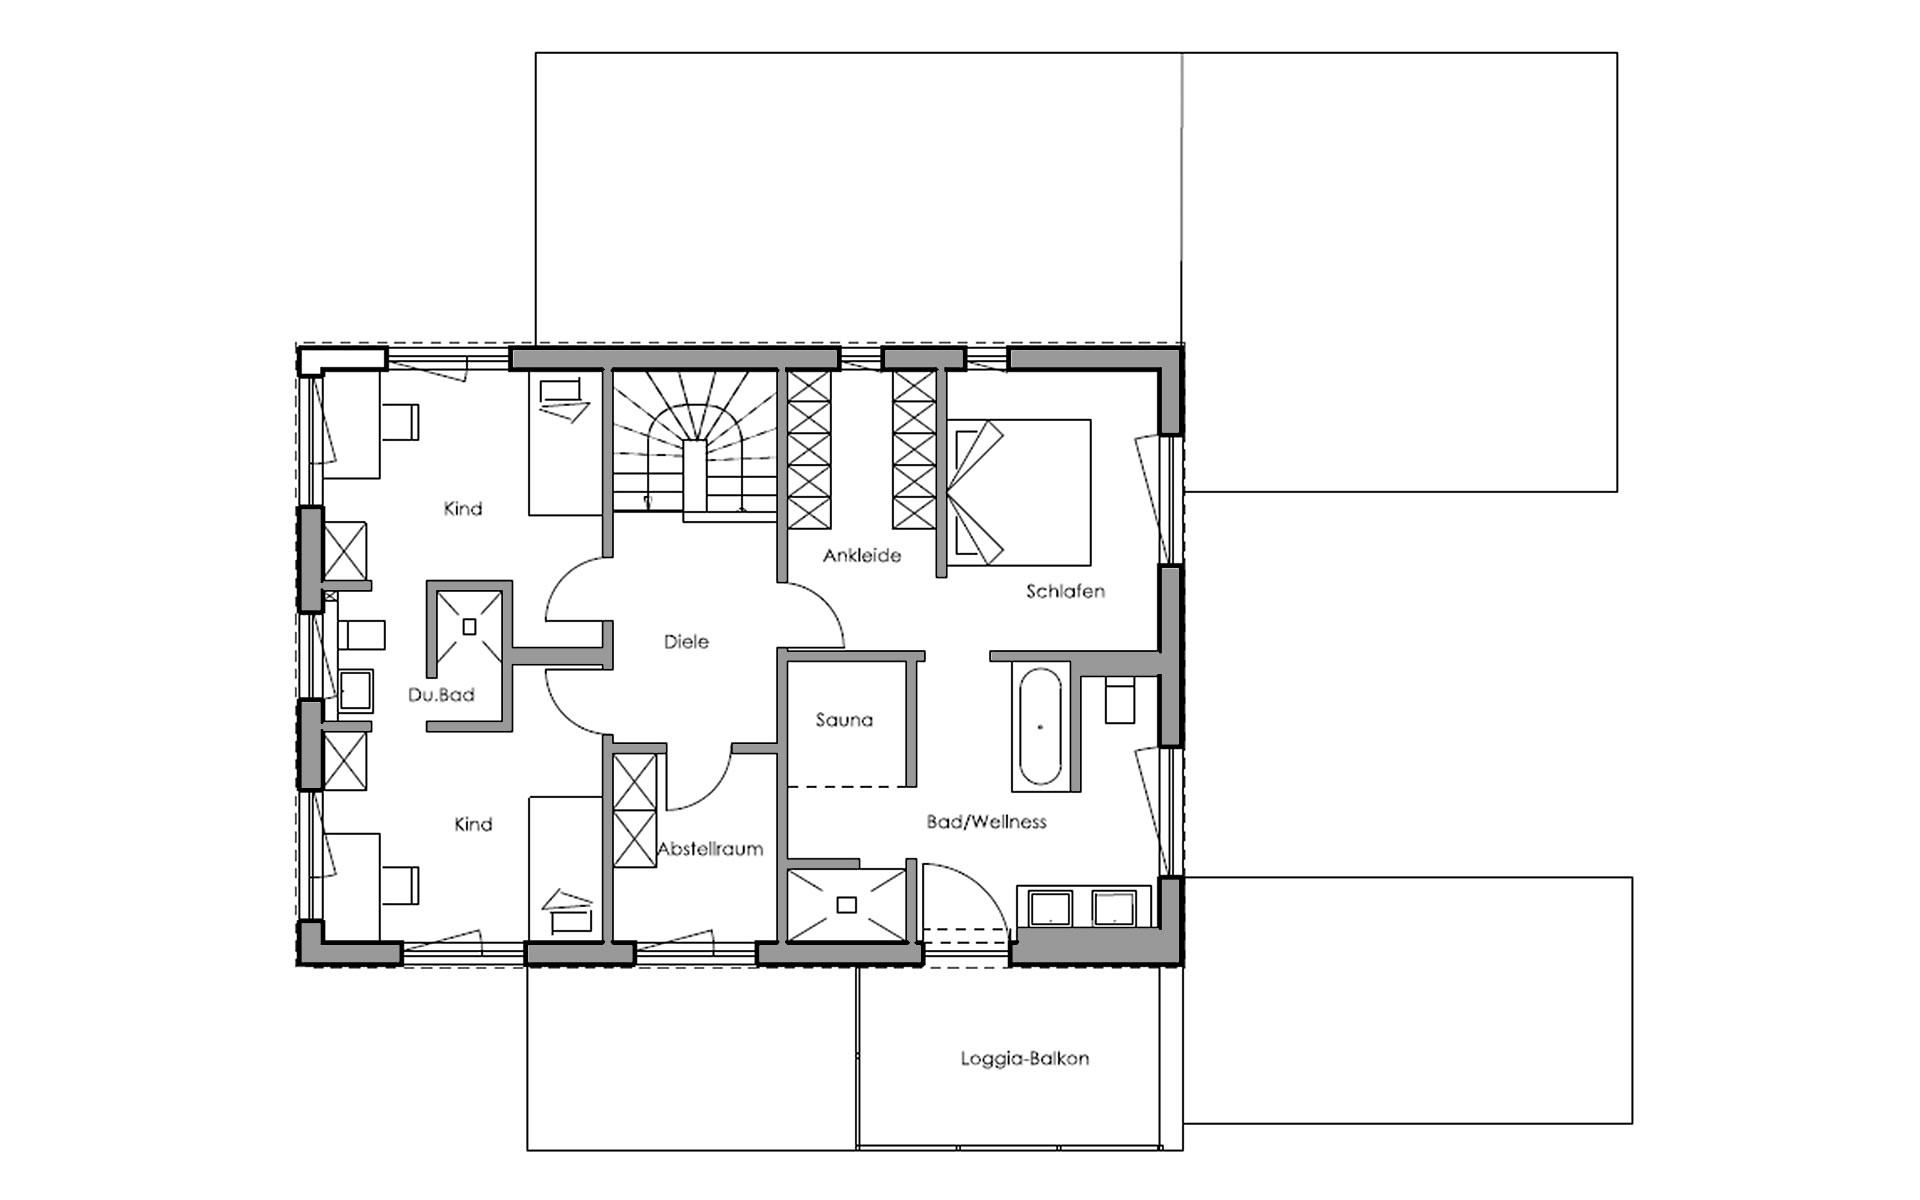 Obergeschoss Schwabach von Regnauer Hausbau GmbH & Co. KG